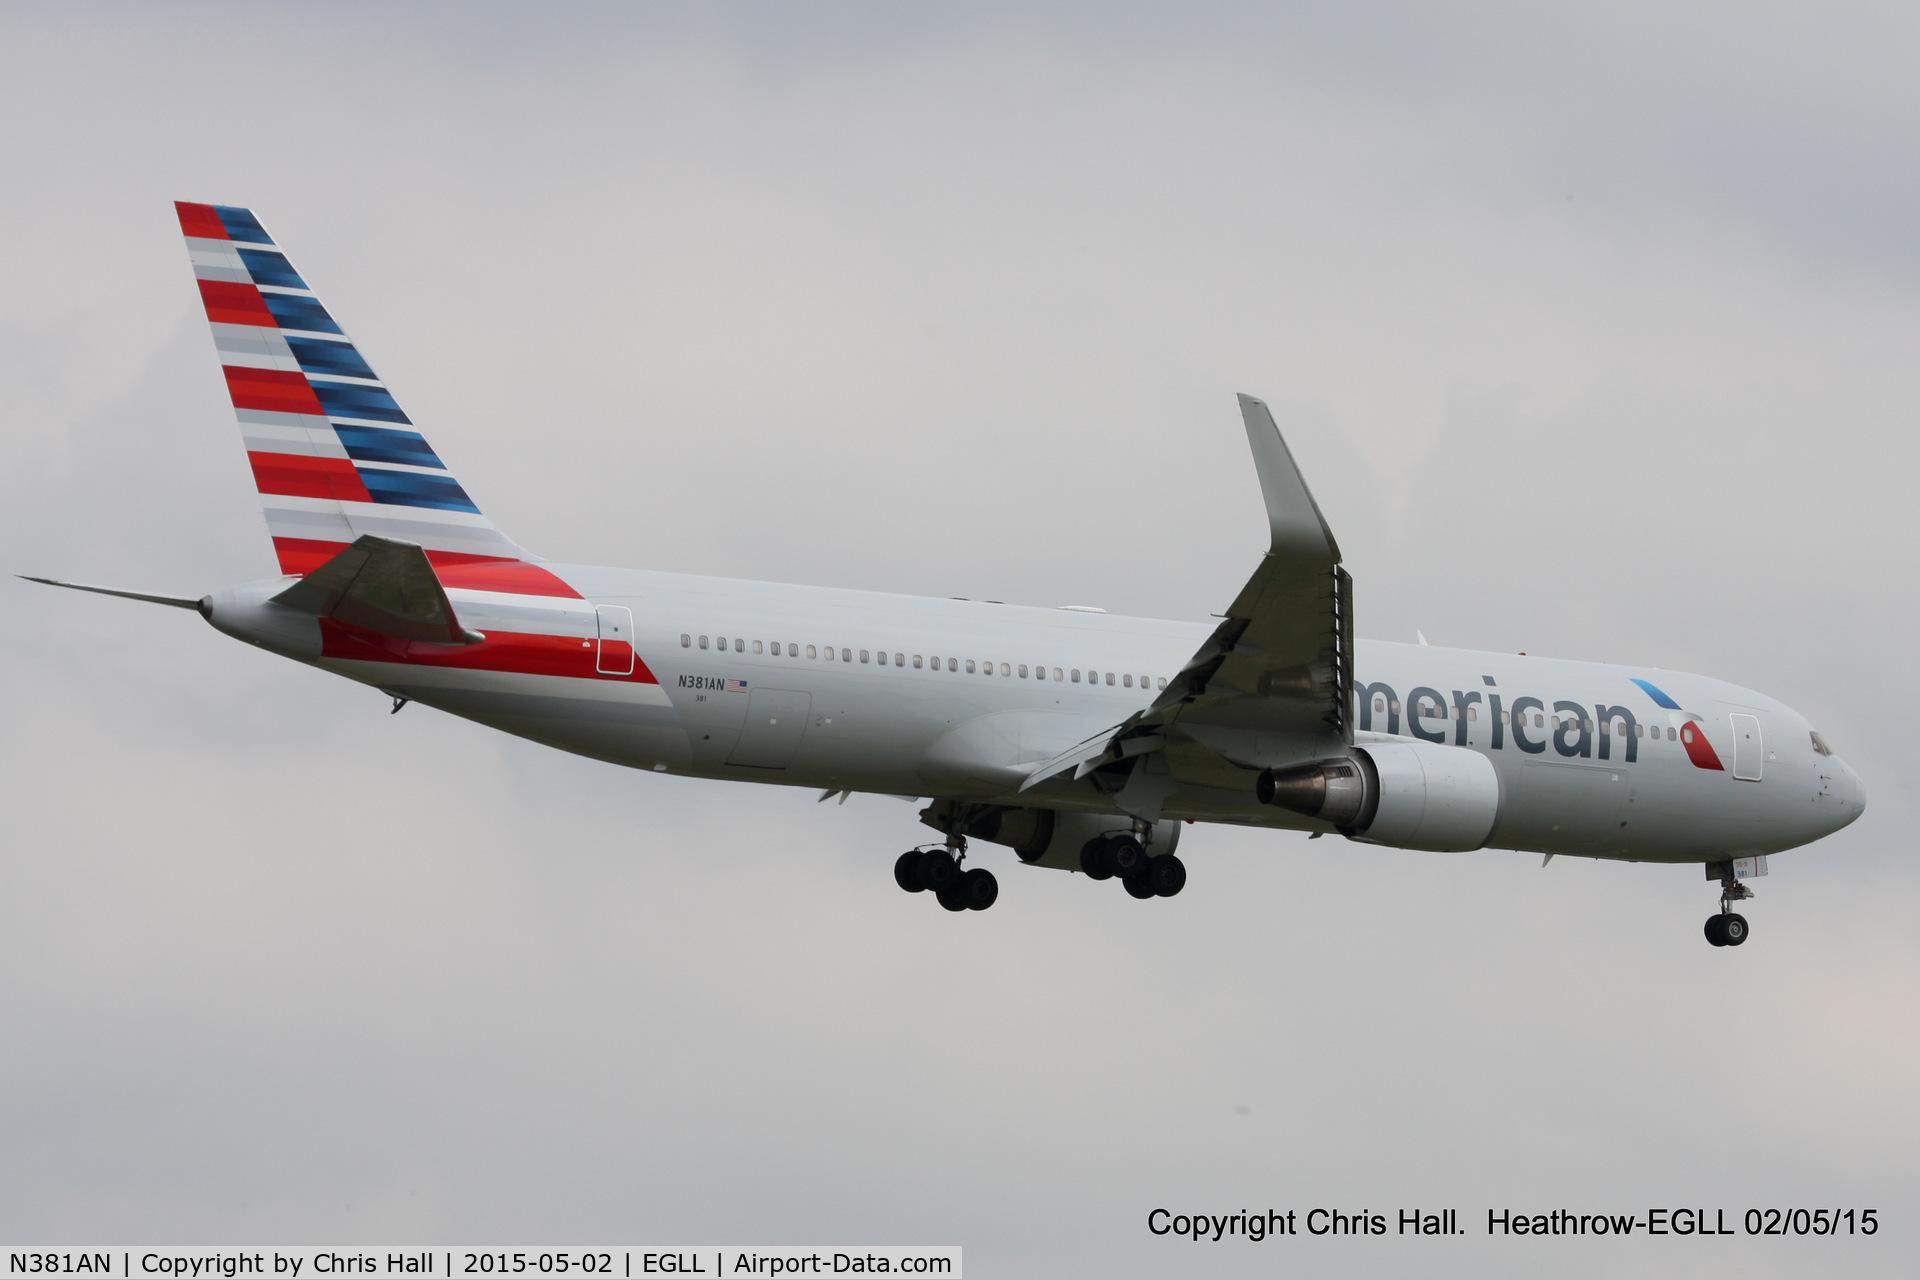 N381AN, 1993 Boeing 767-323 C/N 25450, American Airlines